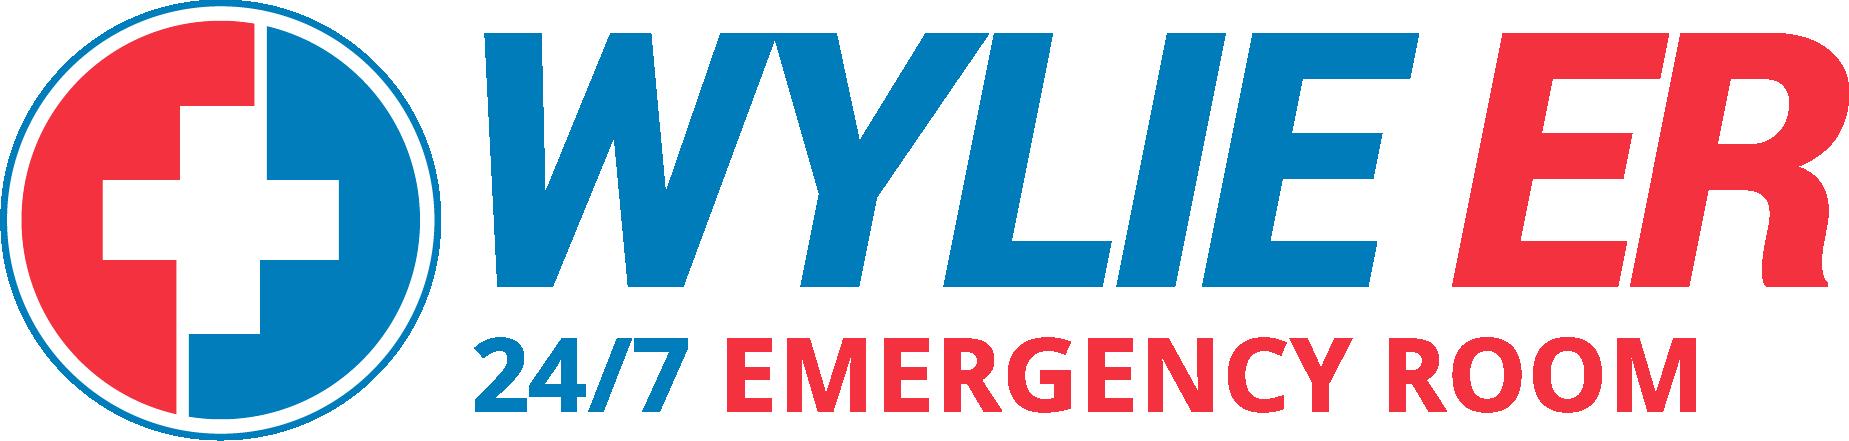 Wylie ER 24/7 Emergency Room